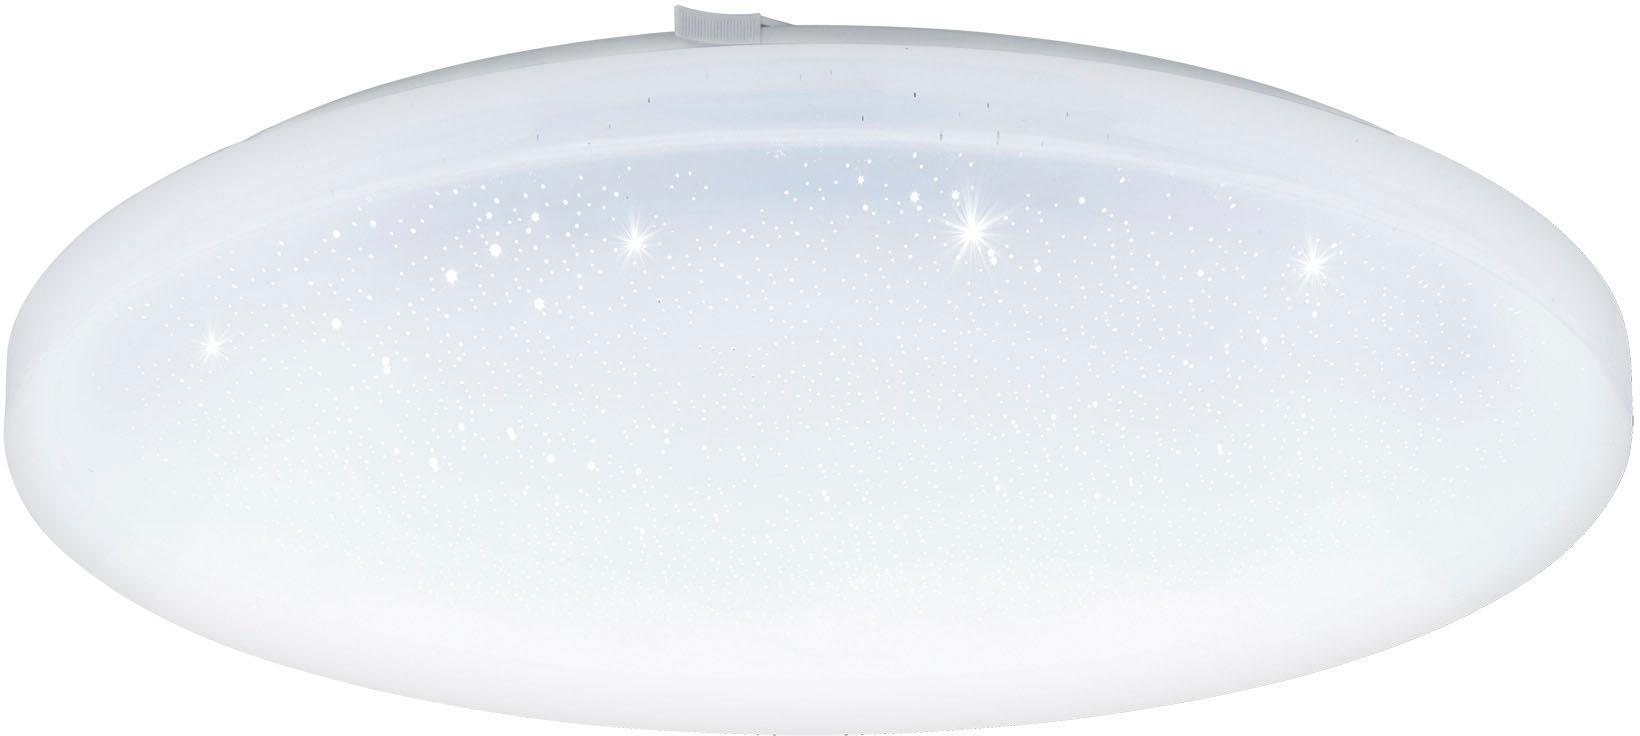 EGLO LED Deckenleuchte FRANIA-S, LED-Board, Warmweiß, LED Deckenlampe